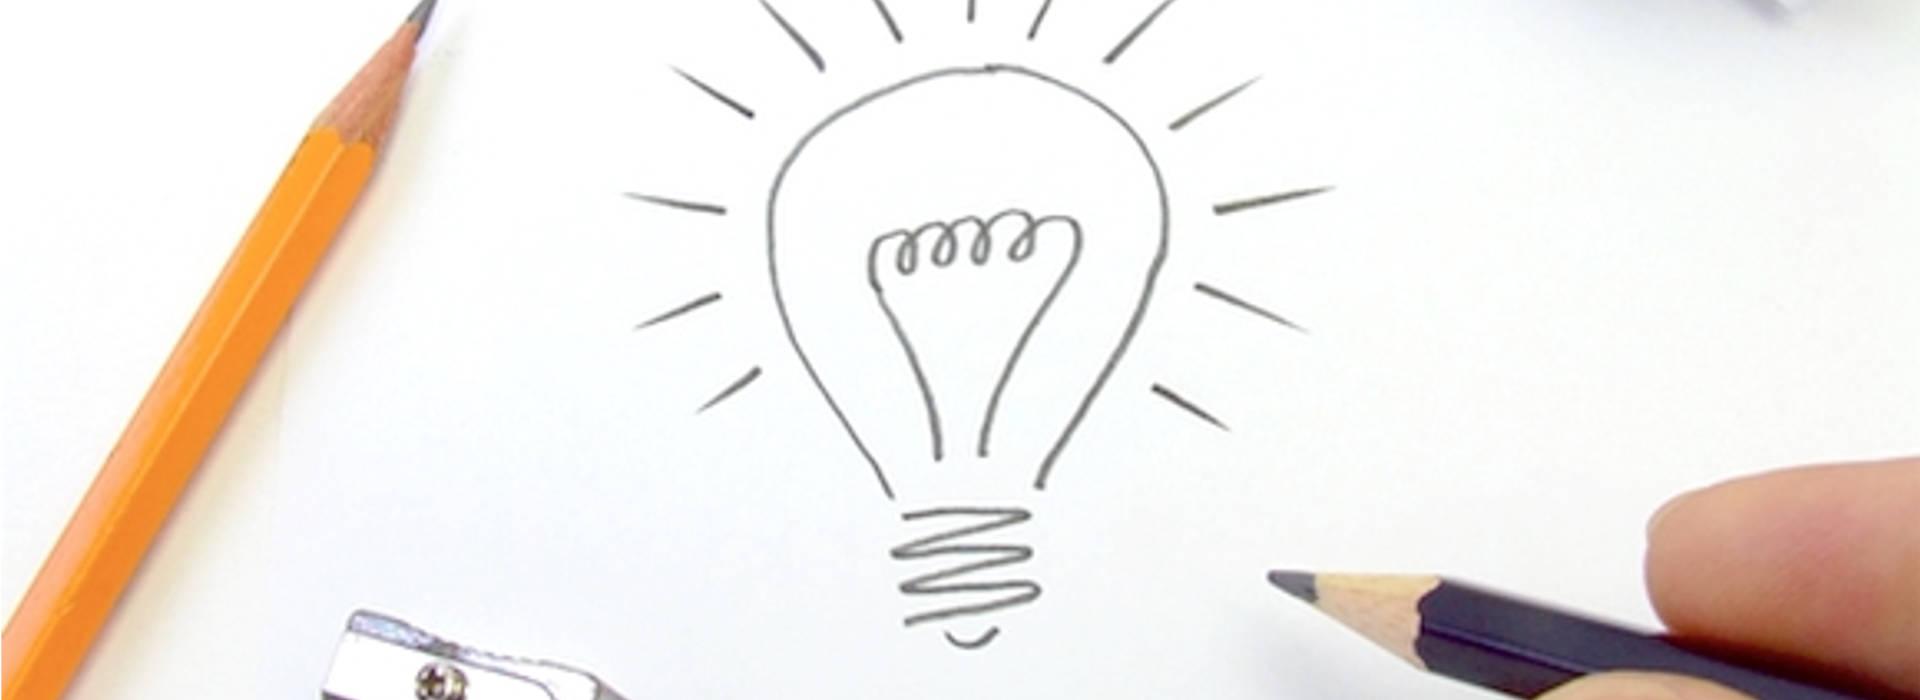 La Universidad Nacional del Alto Uruguay lanza concurso para diseñar el logo de la institución